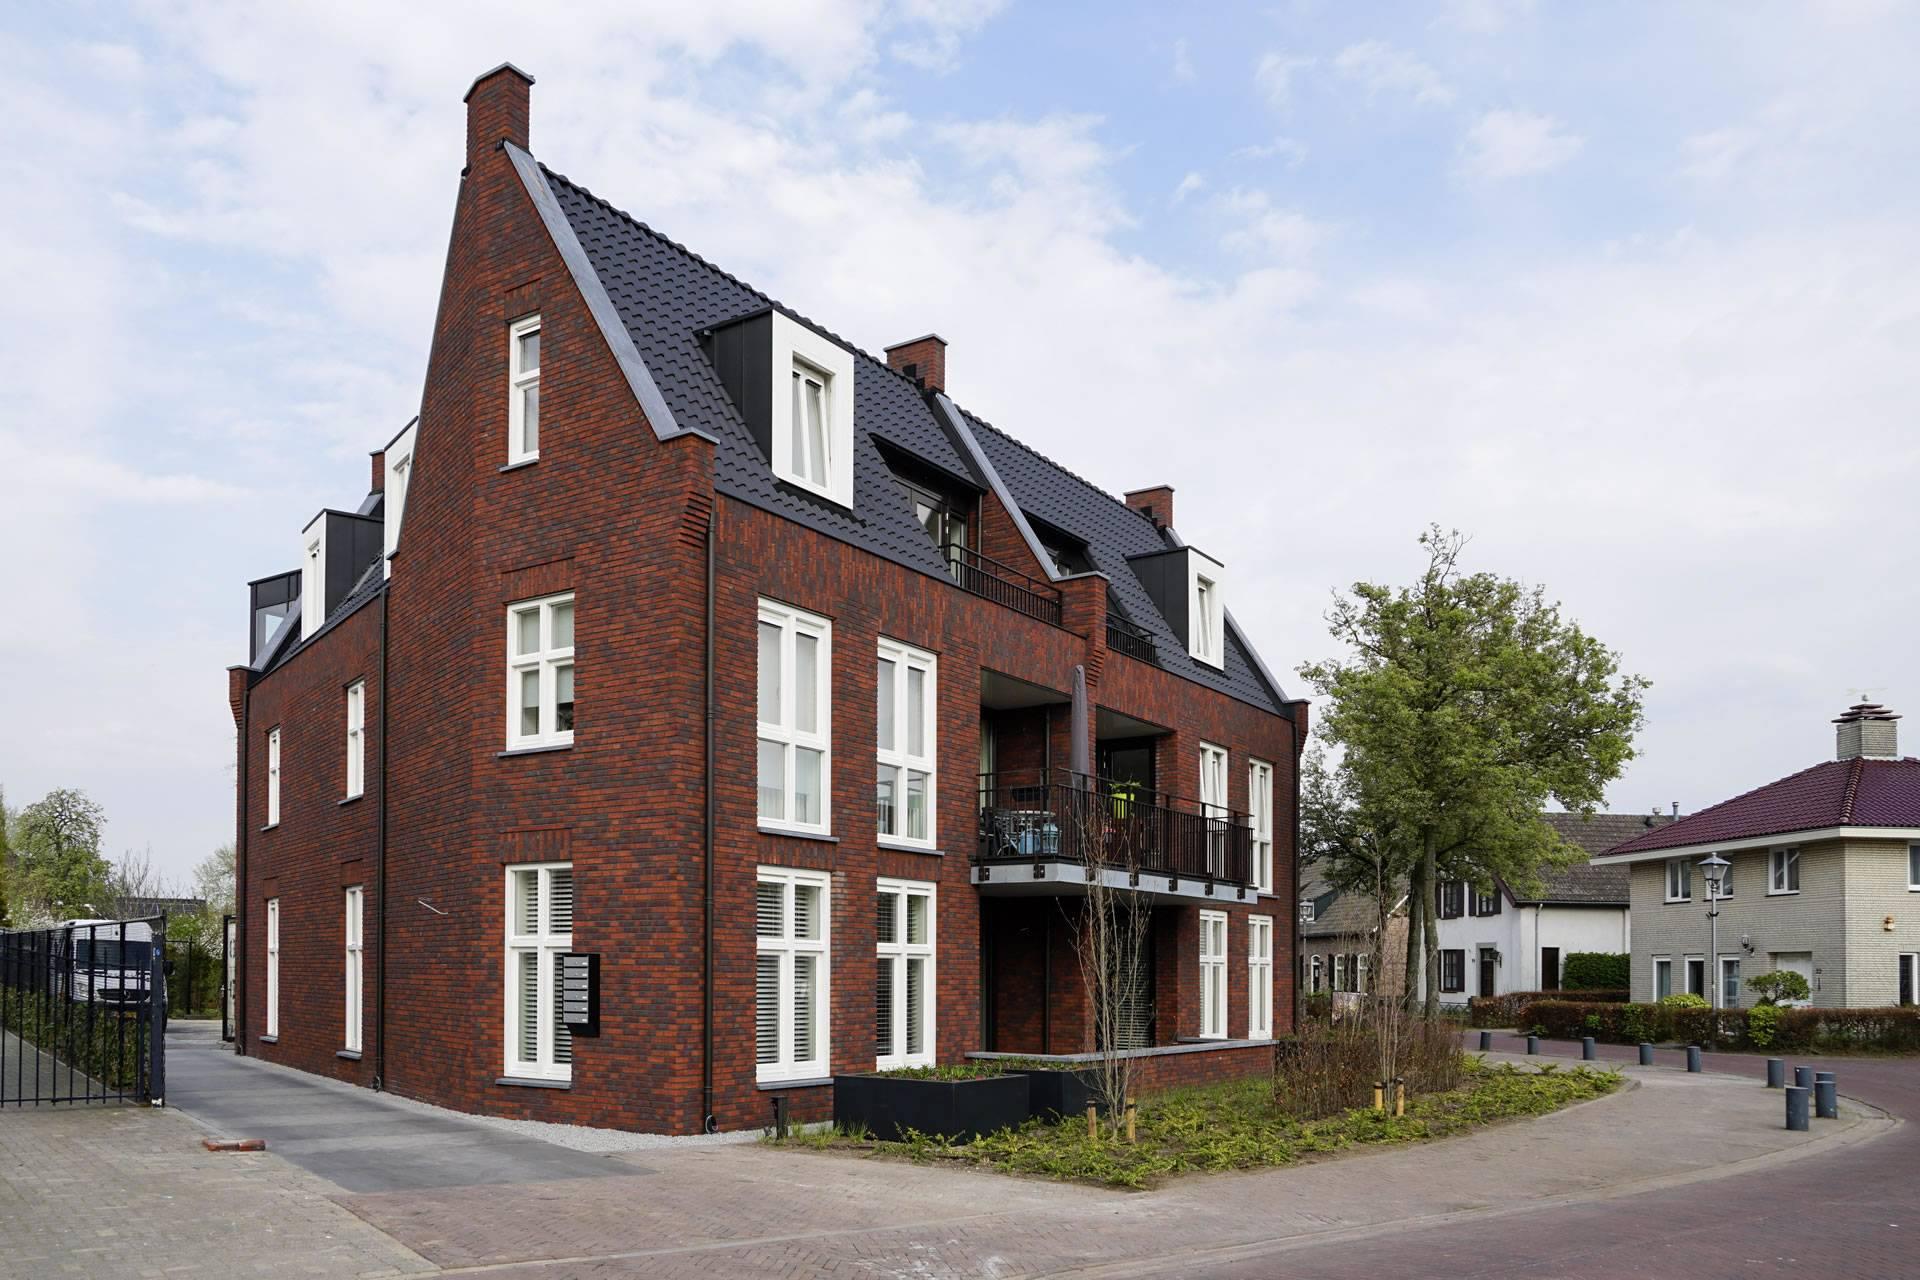 Verouden Bouwbedrijf - 6 luxe nieuwbouw appartementen - 02 - DSC05034